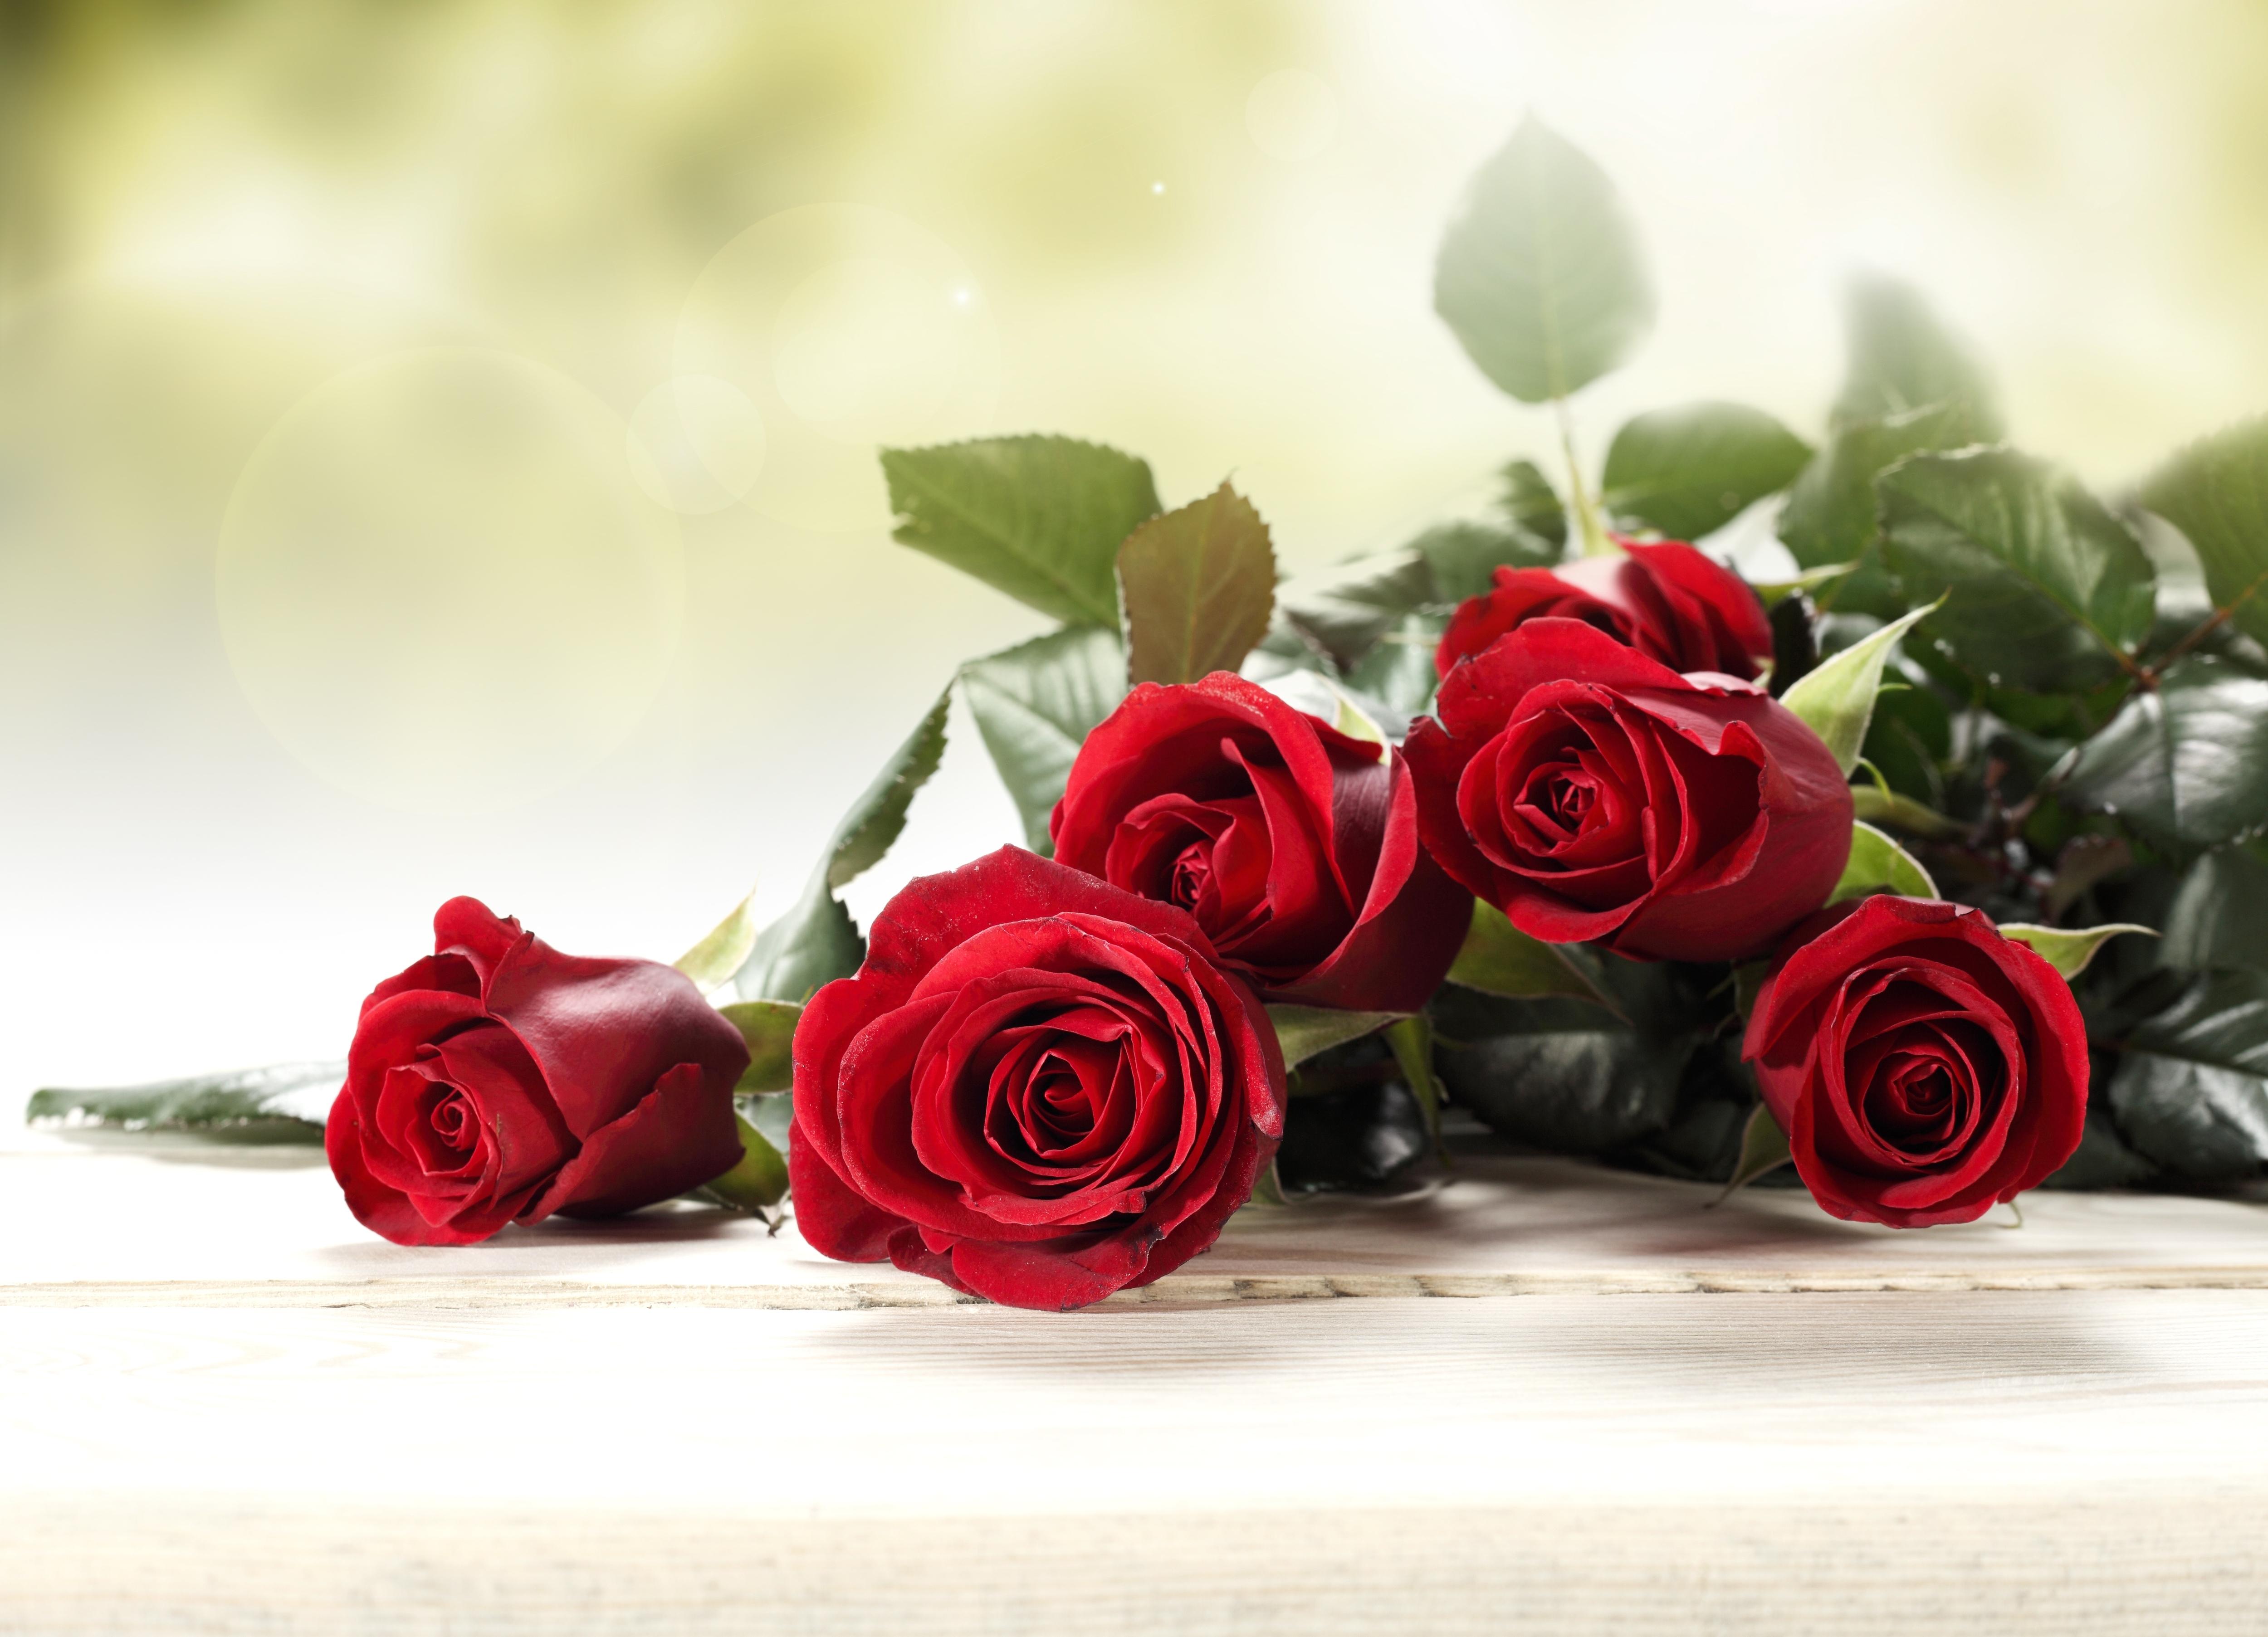 Постер на подрамнике Красные розы